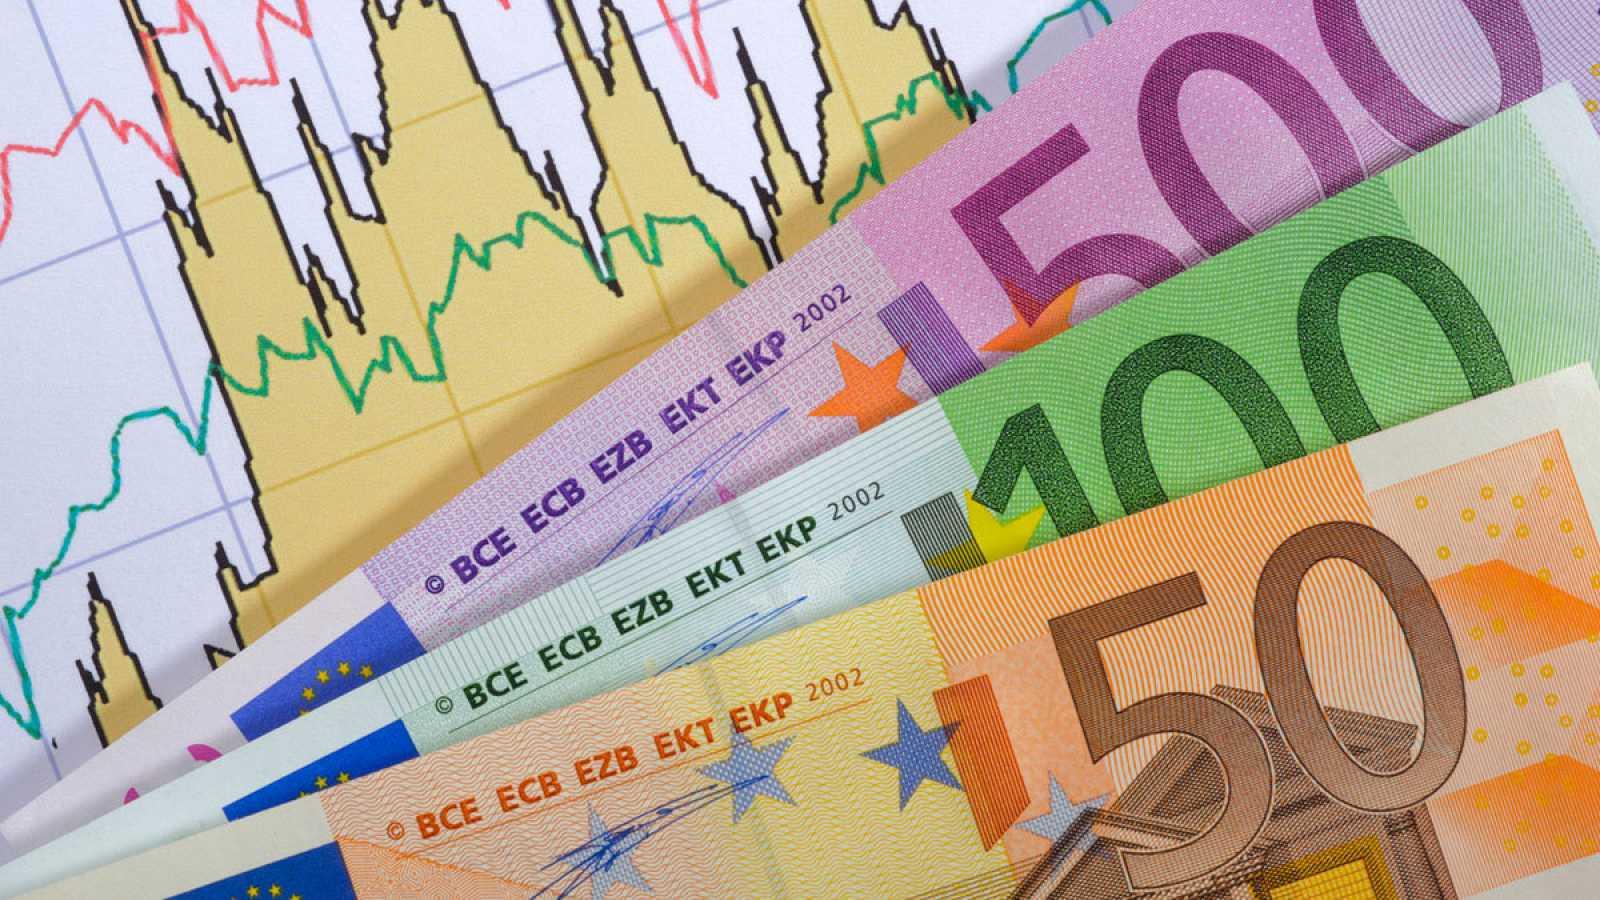 La deuda pública baja un 1,1 puntos porcentuales en el tercer trimestre